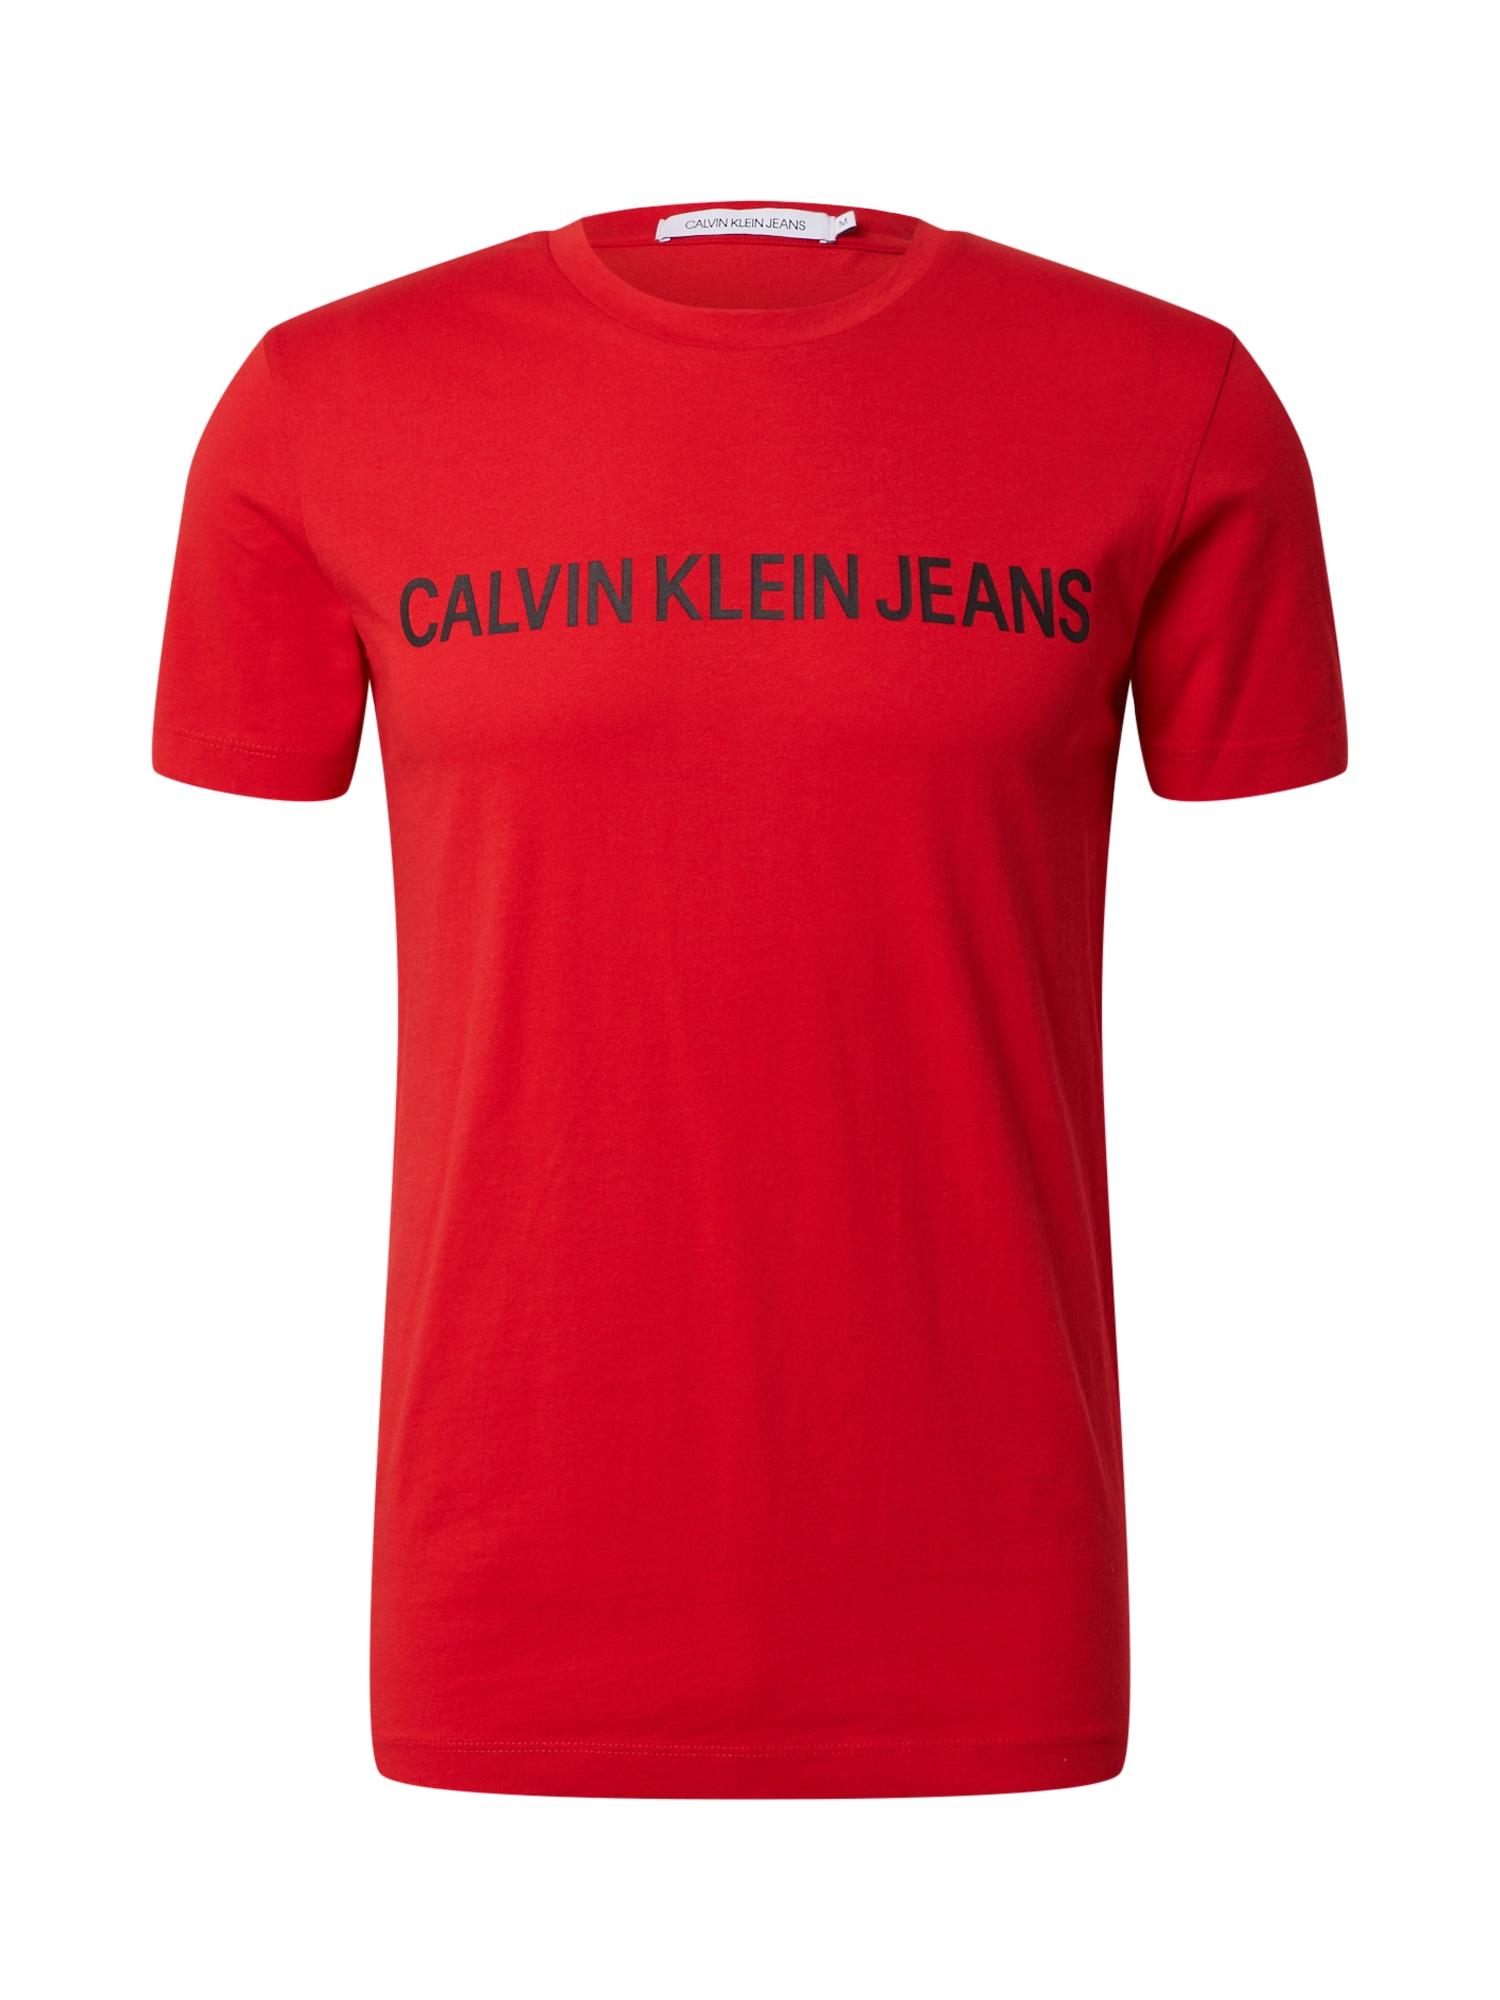 Calvin Klein Jeans Marškinėliai 'INSTITUTIONAL' juoda / raudona